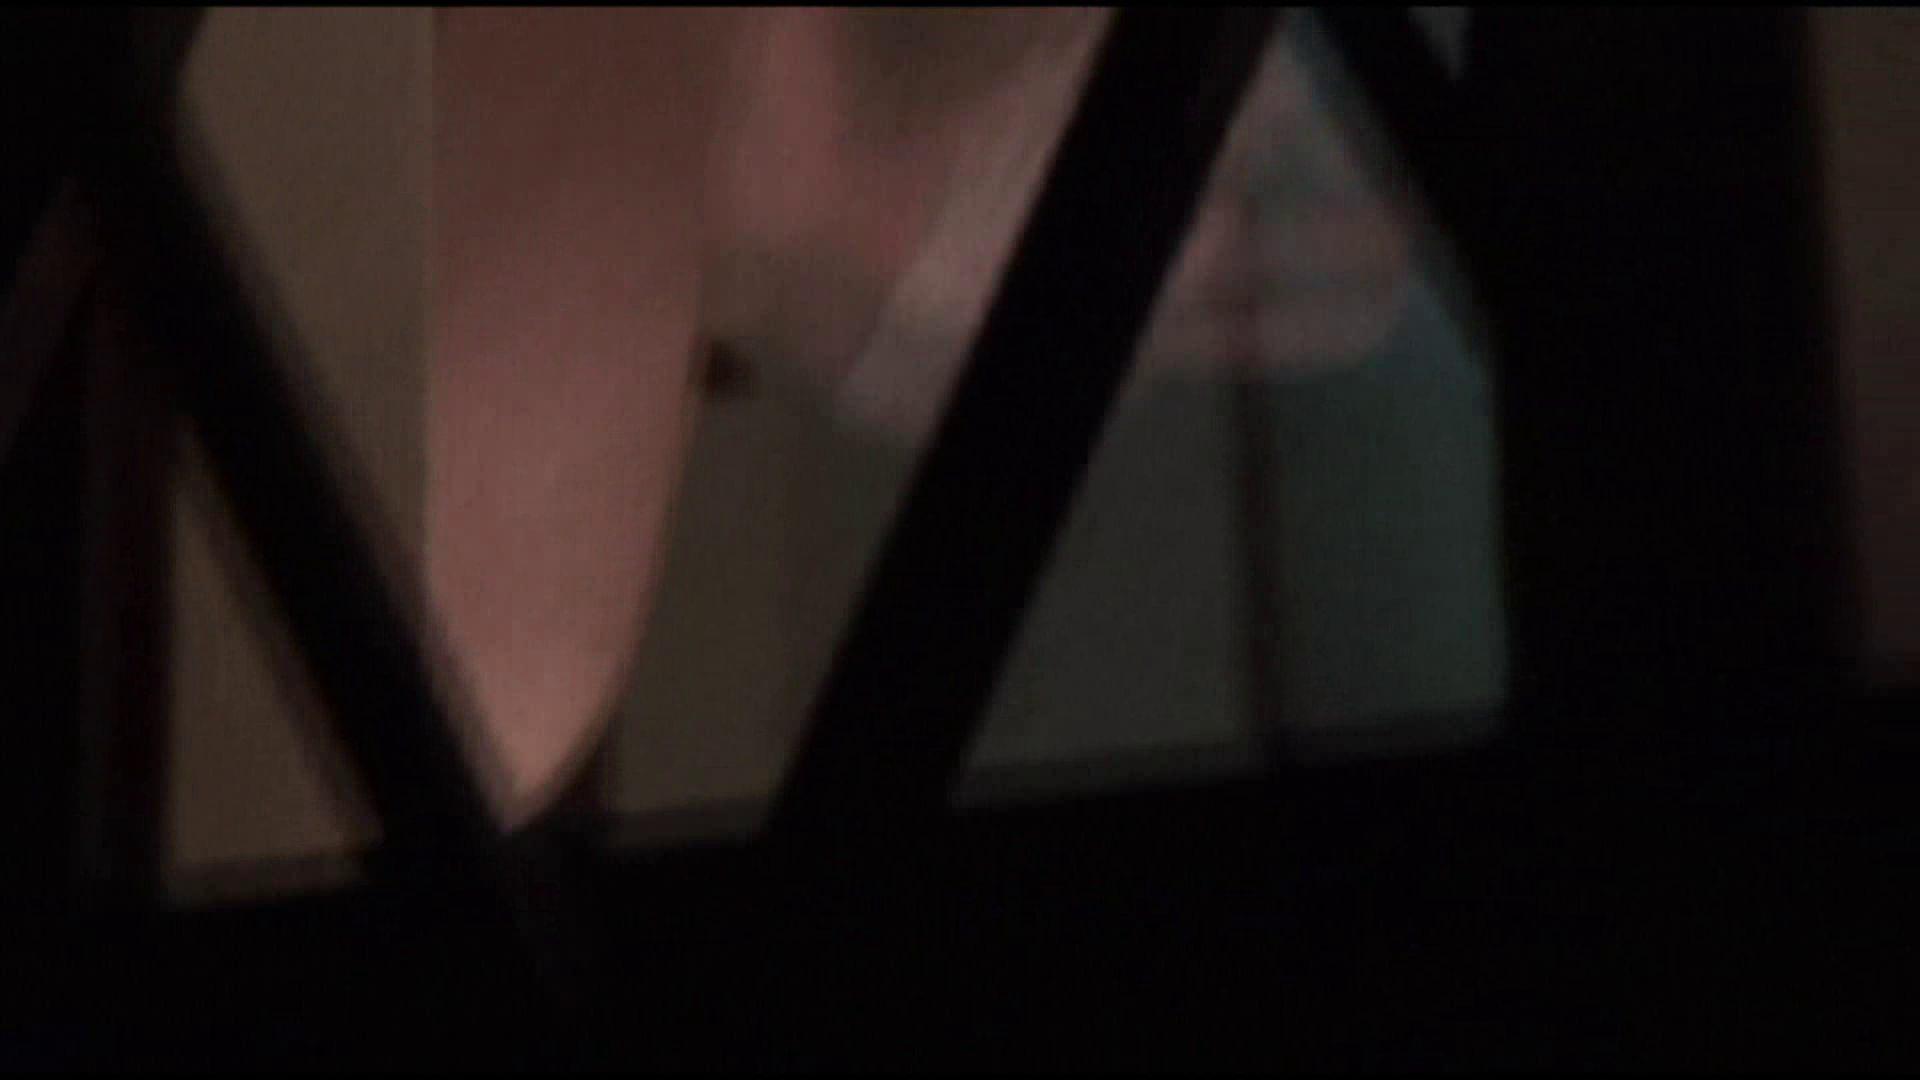 民家の騎士さんの最後の性戦ハイビジョン!!No.47 民家  79画像 8